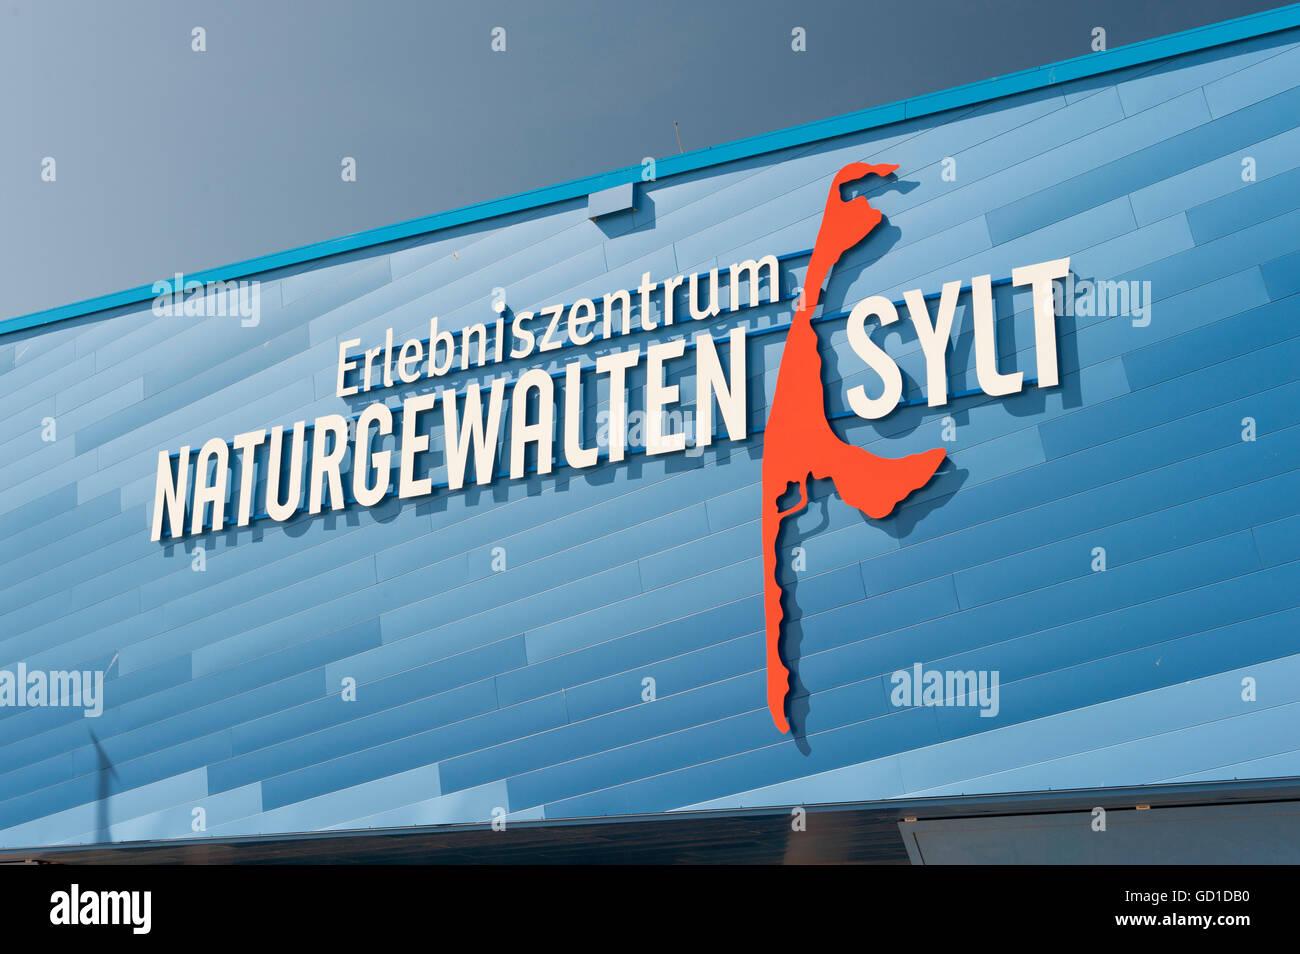 Erlebniszentrum Naturgewalten or Forces of Nature interactive museum, List, Sylt island, Schleswig-Holstein - Stock Image